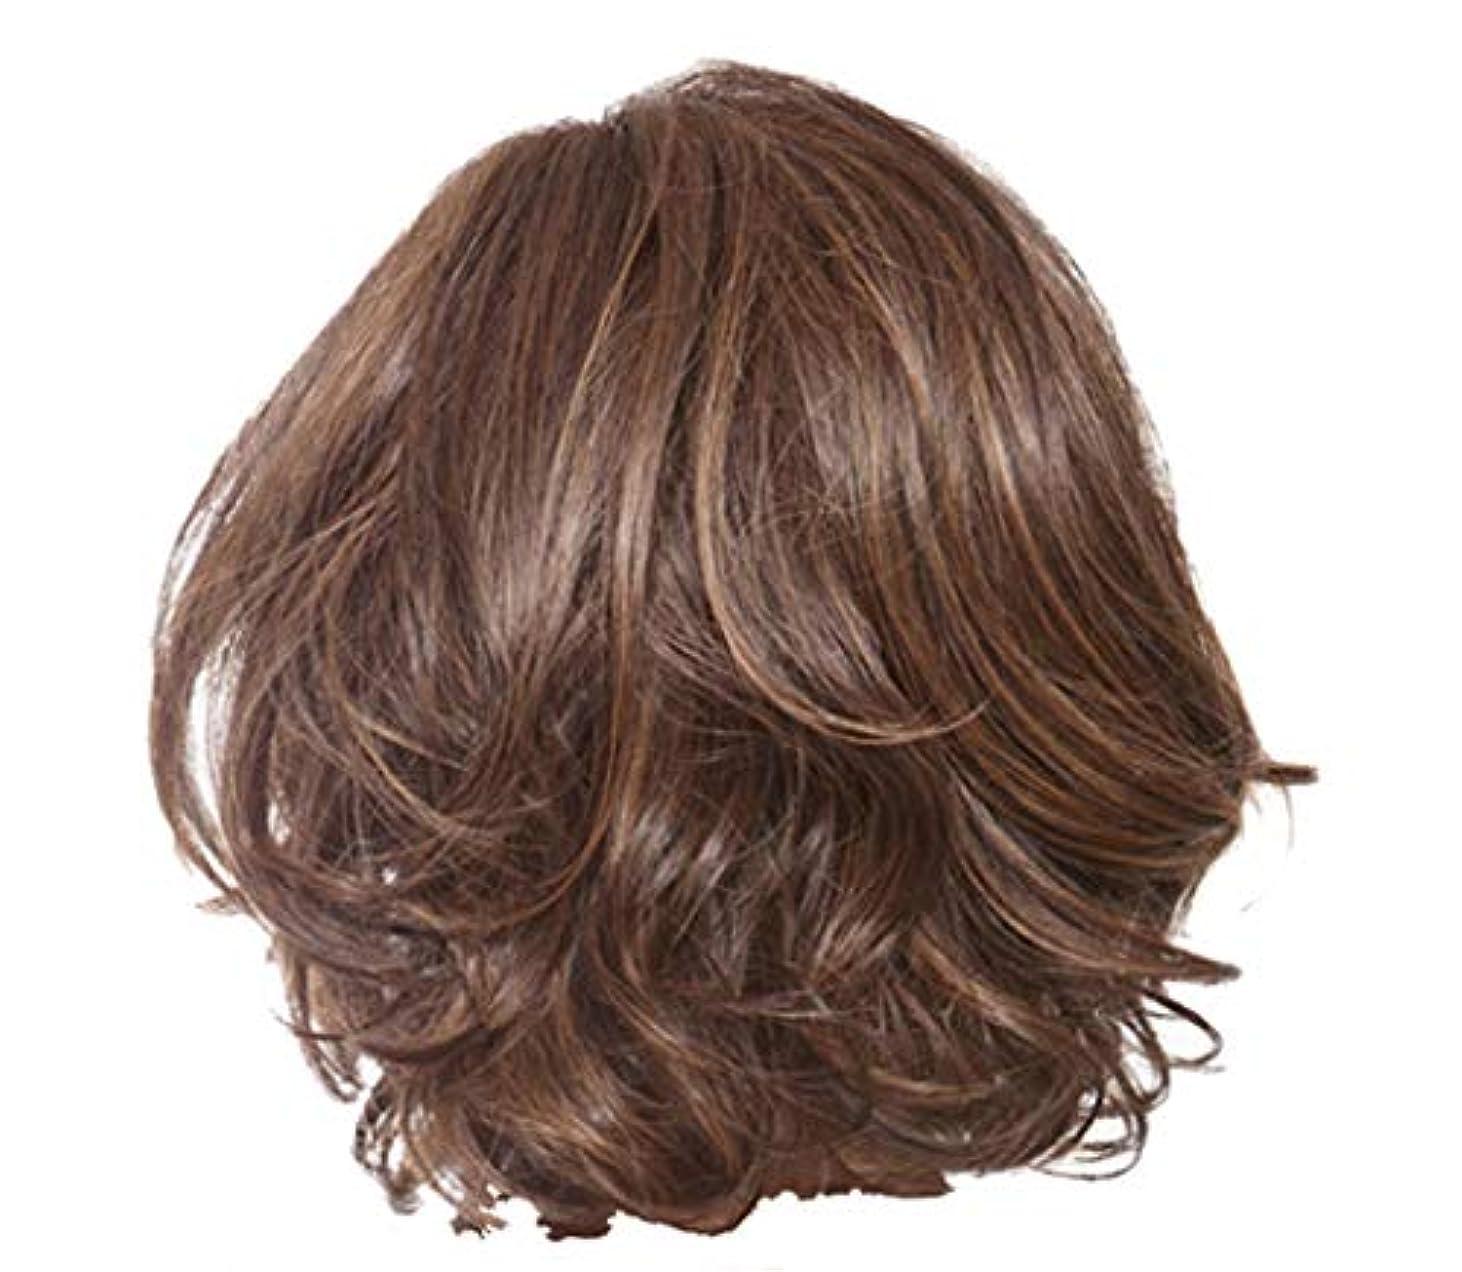 説教する草アプトウィッグ女性のセクシーな短い巻き毛のかつらクールなハンサムなかつら36 cm